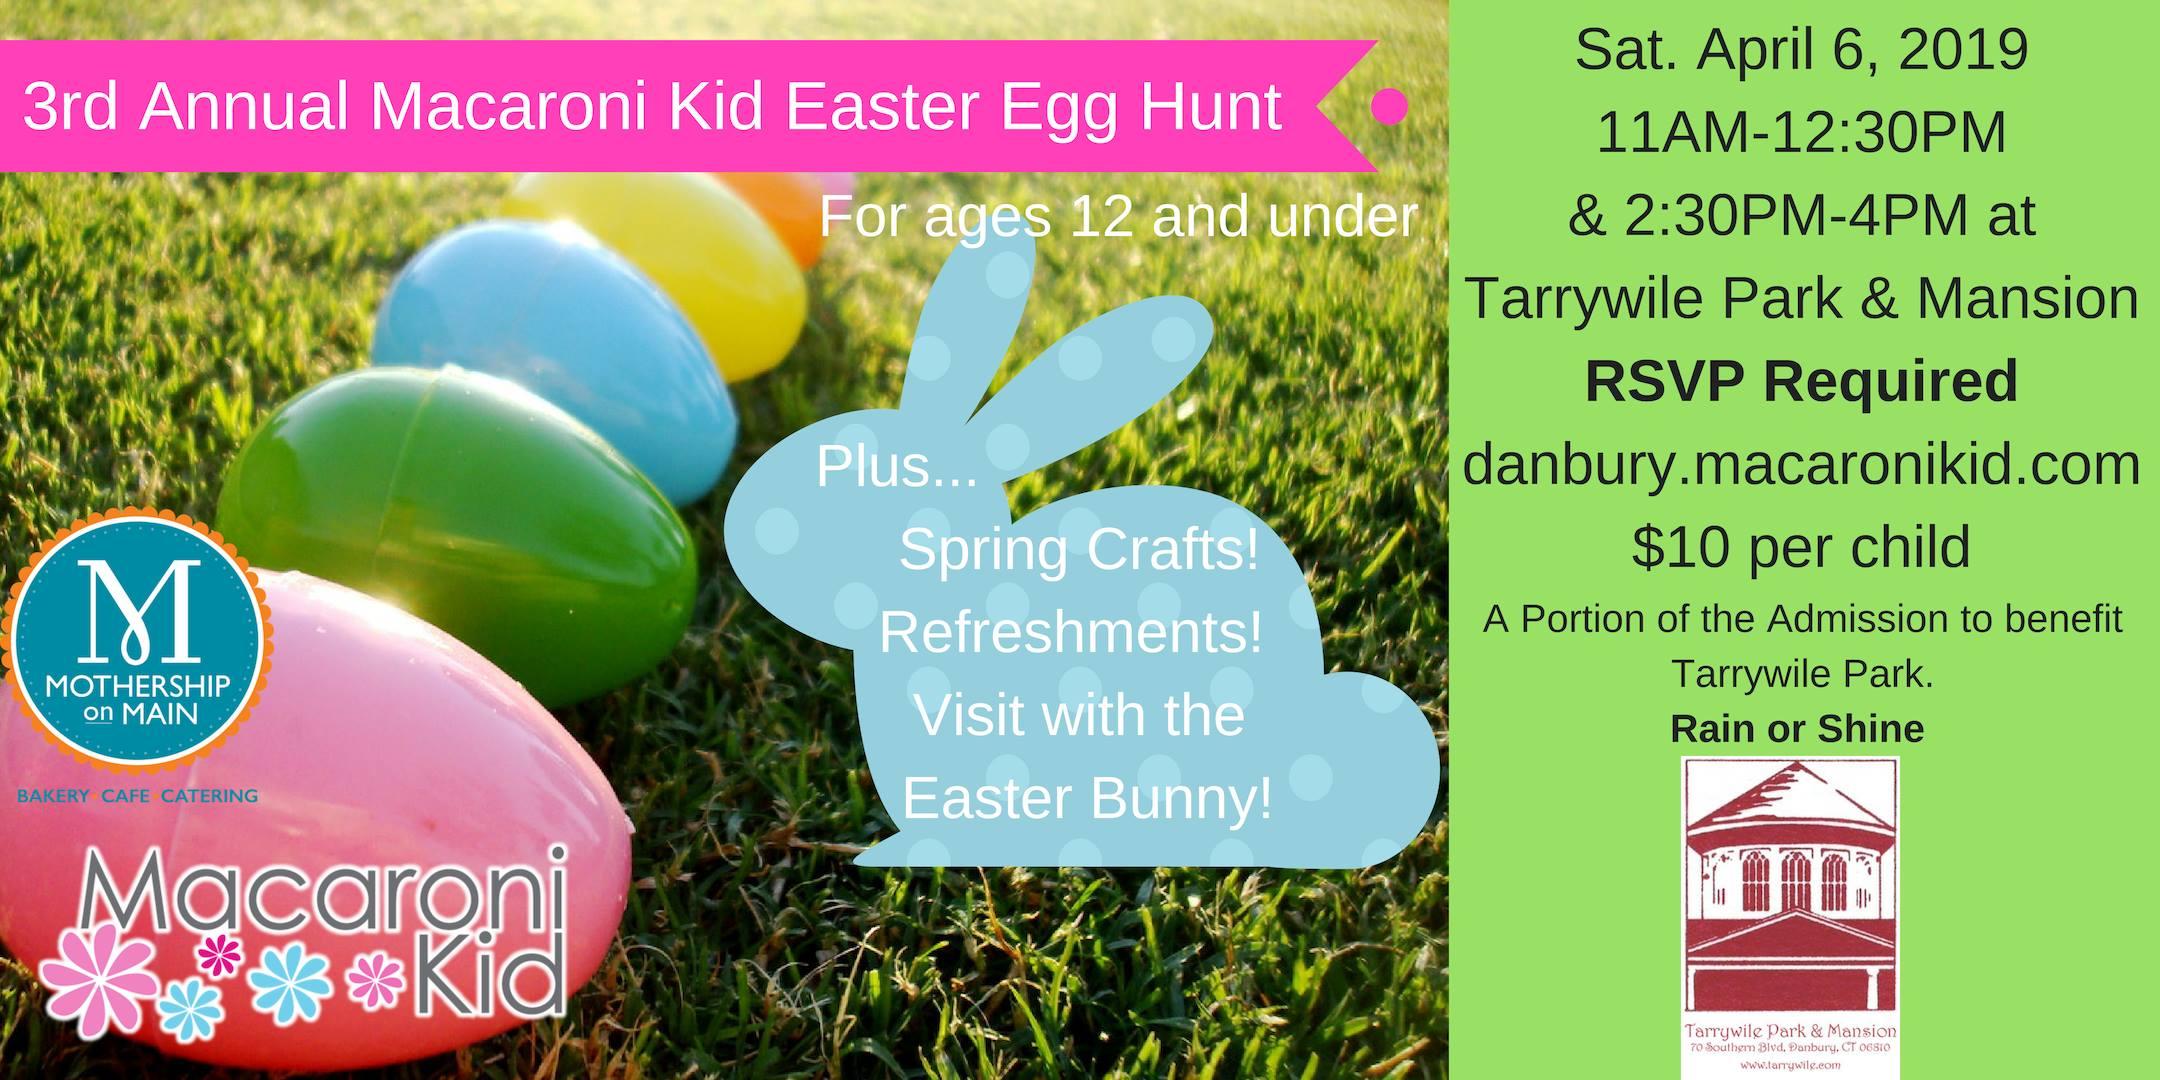 easter-egg-hunt-fundraiser-advertisement